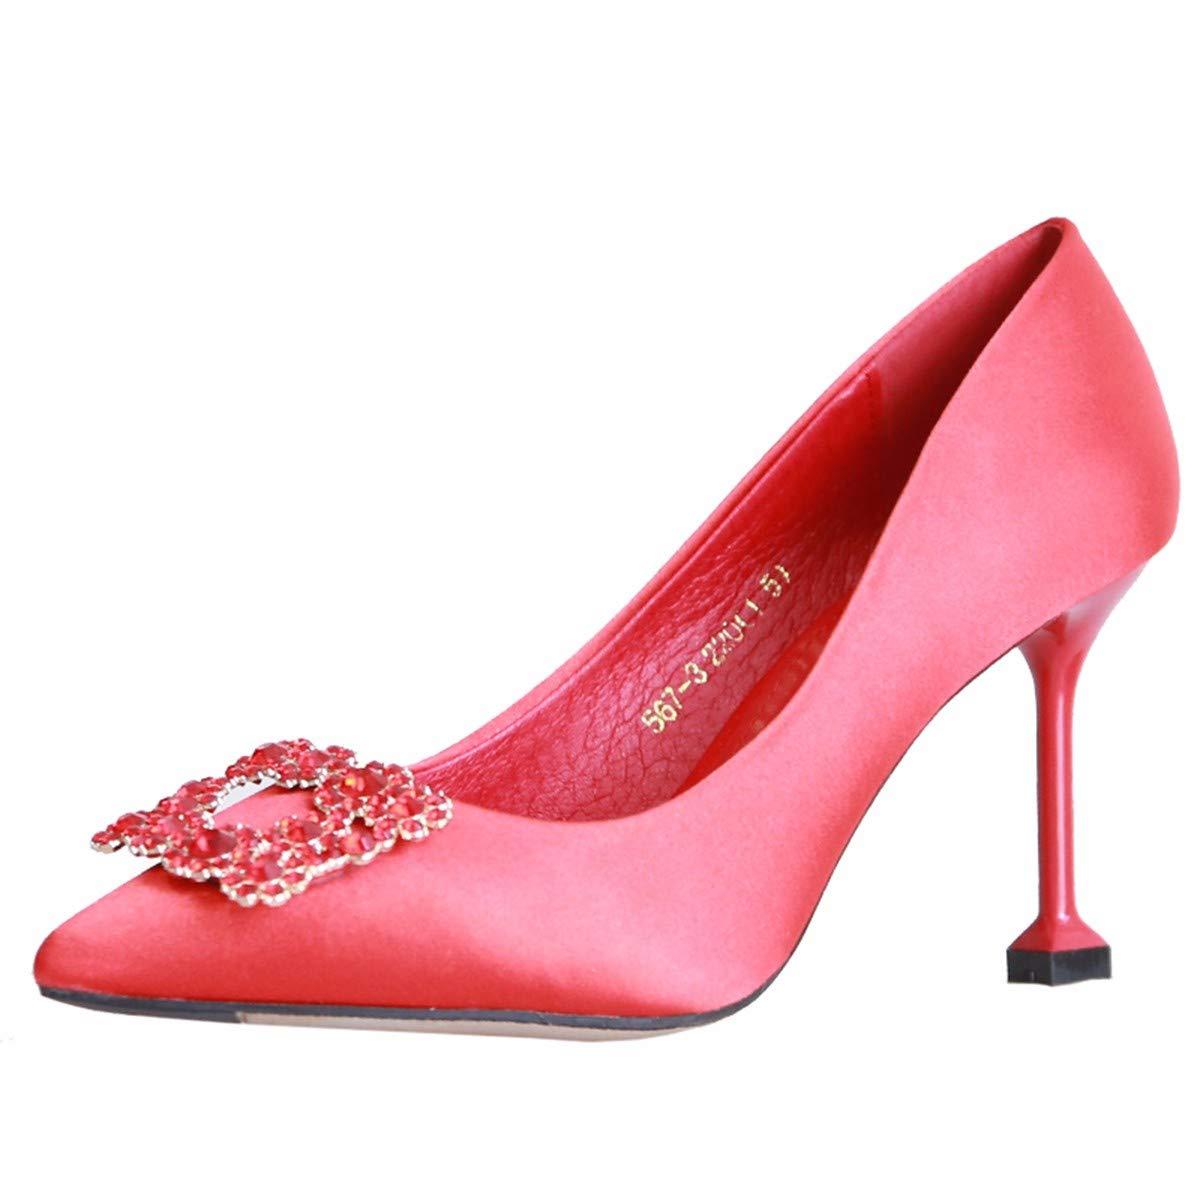 KPHY Damenschuhe/Herbst Roten Hochzeit Schuhe Braut 8Cm High Heels 8Cm Braut Dünnen Ferse Sagte Wasser Diamond Schuhe Flachen Mund Seide und Satin-Schuhe 36 des  - 95b575